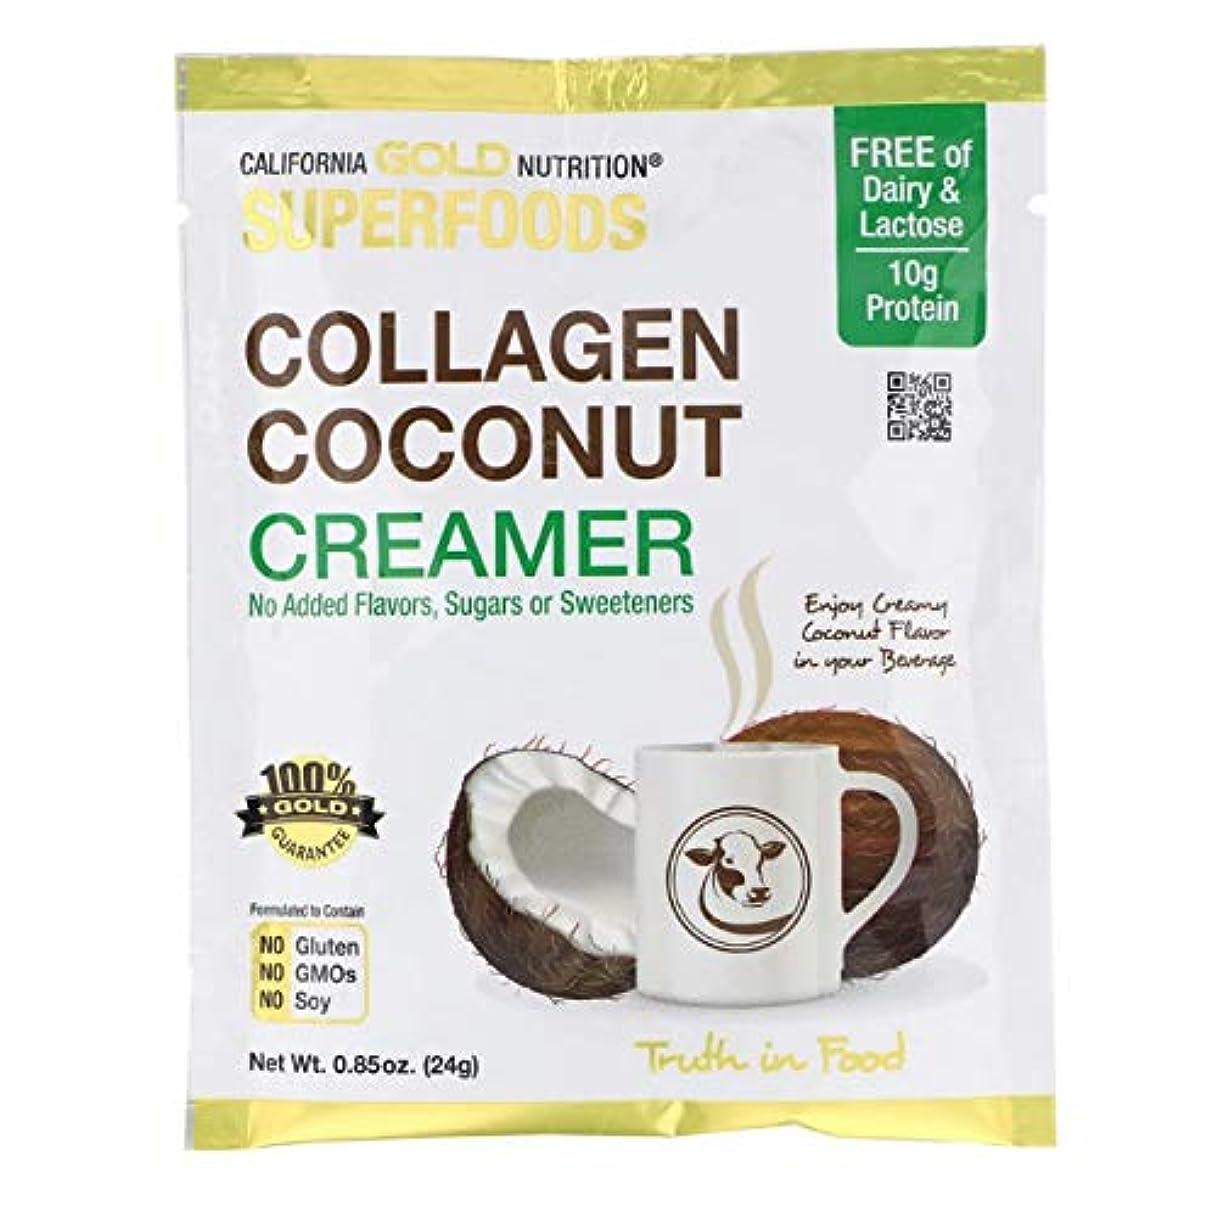 描く派生する喜ぶCalifornia Gold Nutrition スーパーフード コラーゲンココナッツクリーム 無糖 0.85 oz 24 g 【アメリカ直送】